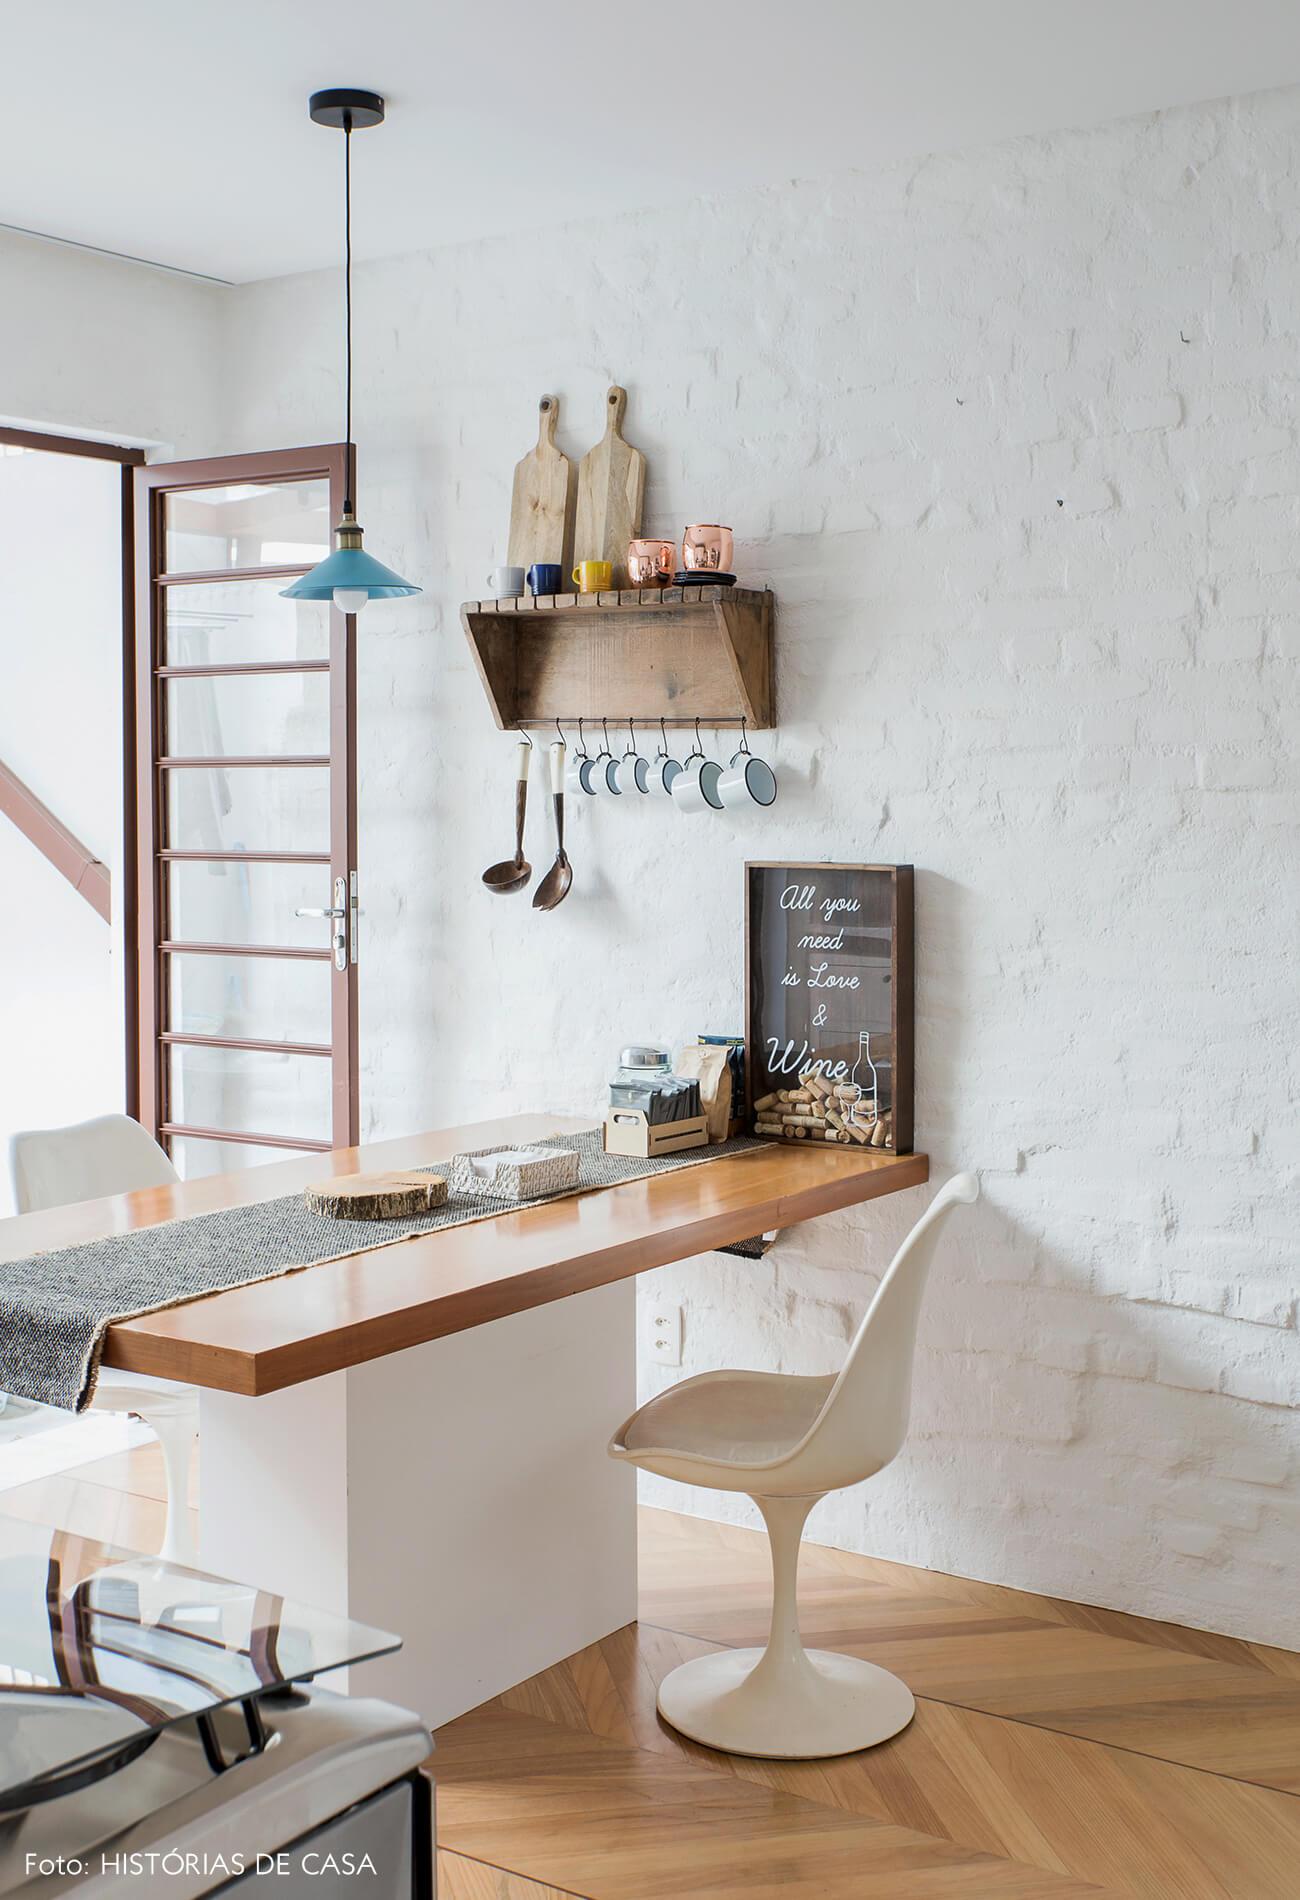 Casa com cozinha aberta para o quintal e paredes de tijolinho